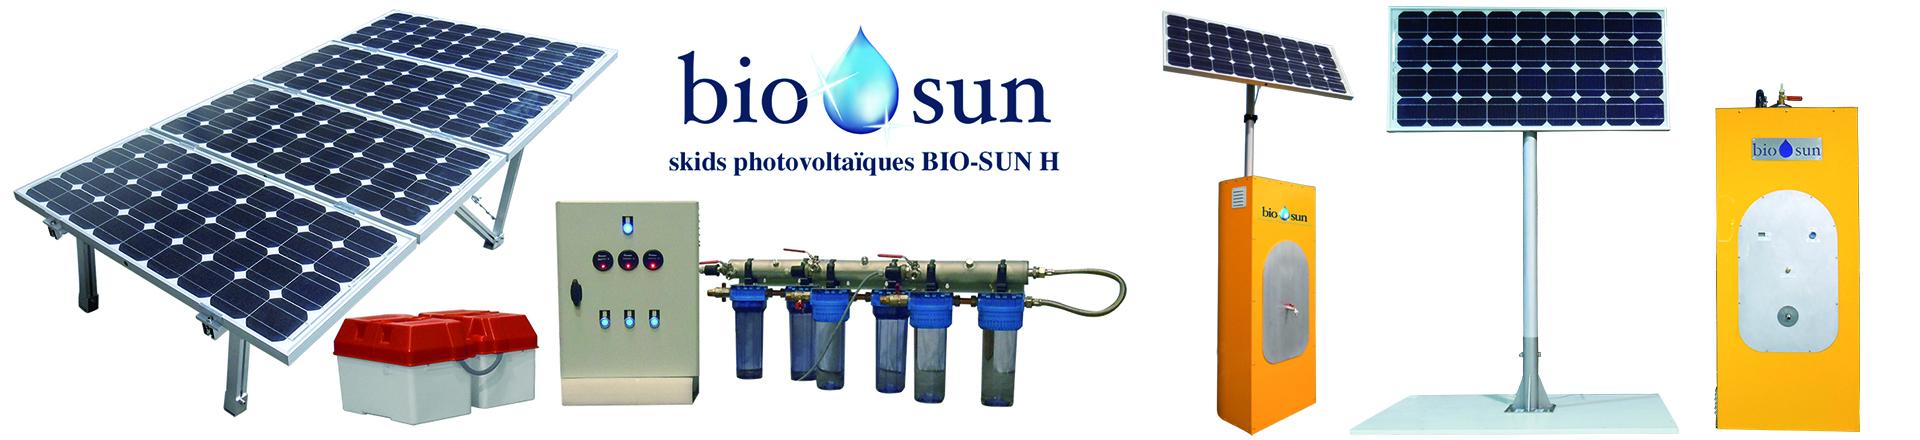 Bio-SUN